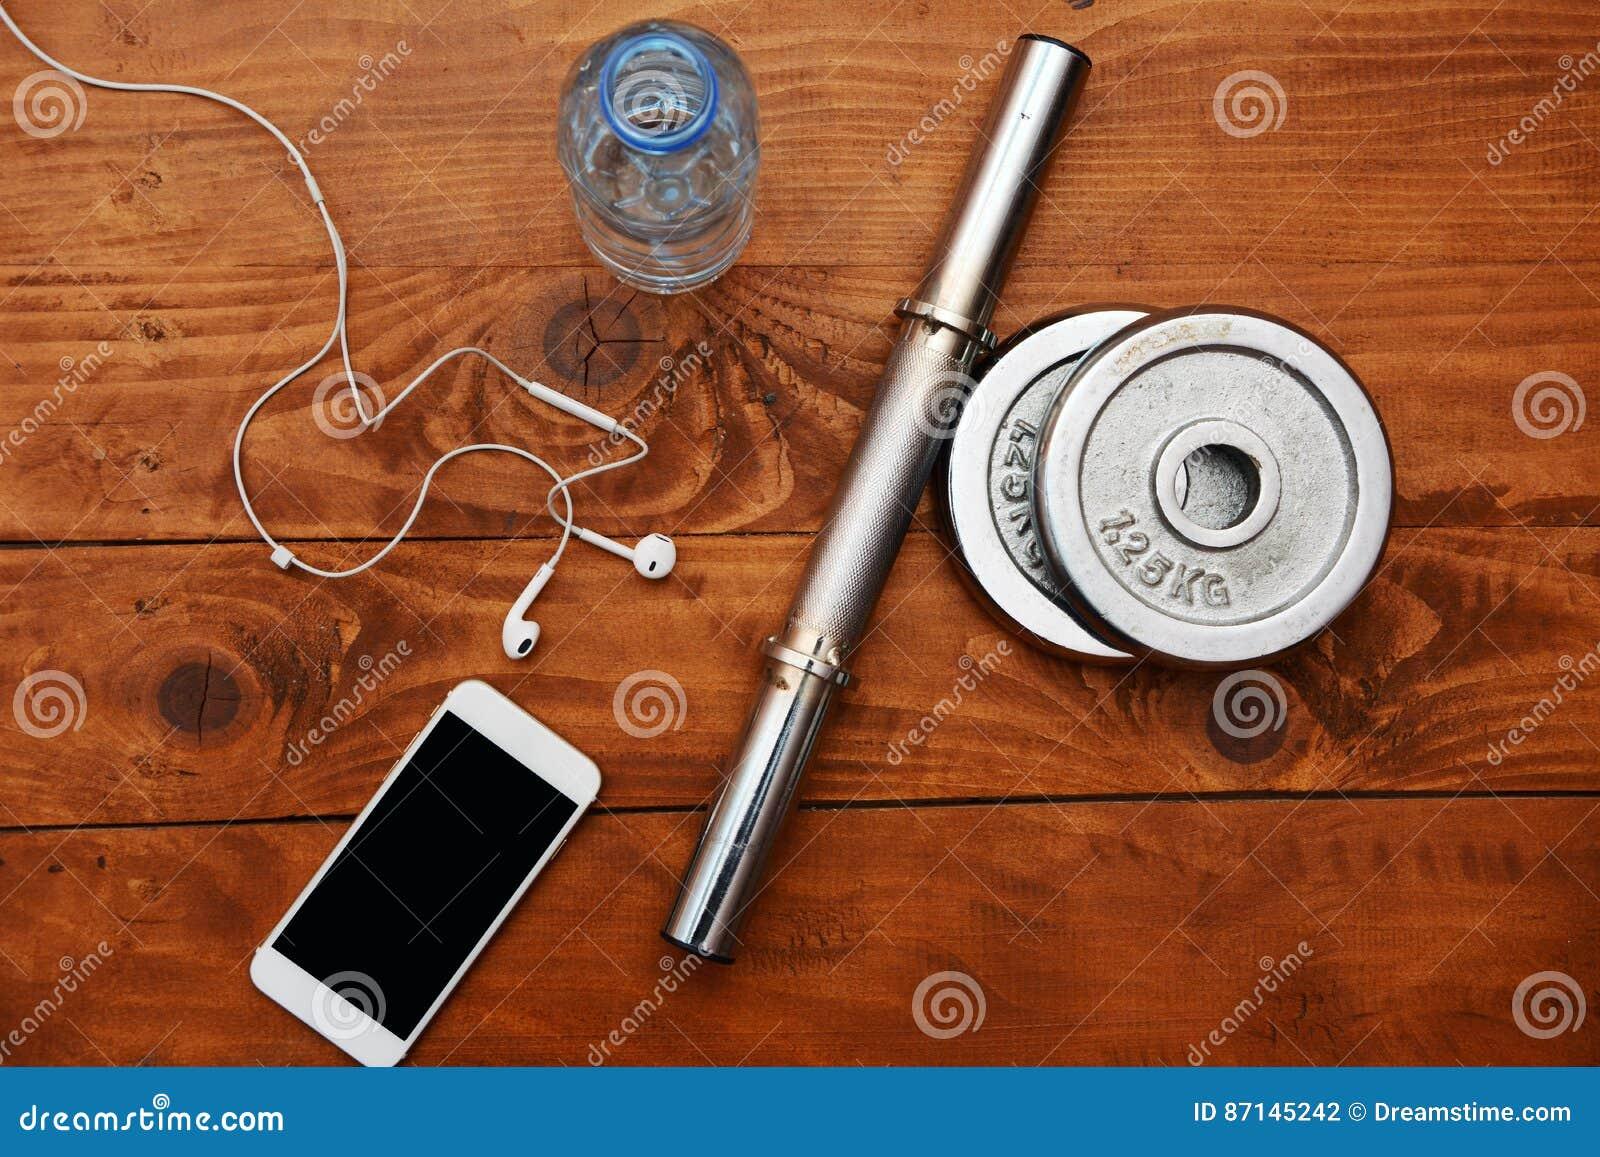 Τοπ άποψη του smartphone, των ακουστικών, του μπουκαλιού νερό και των βαρών στο ξύλινο υπόβαθρο Κλείστε επάνω την όψη